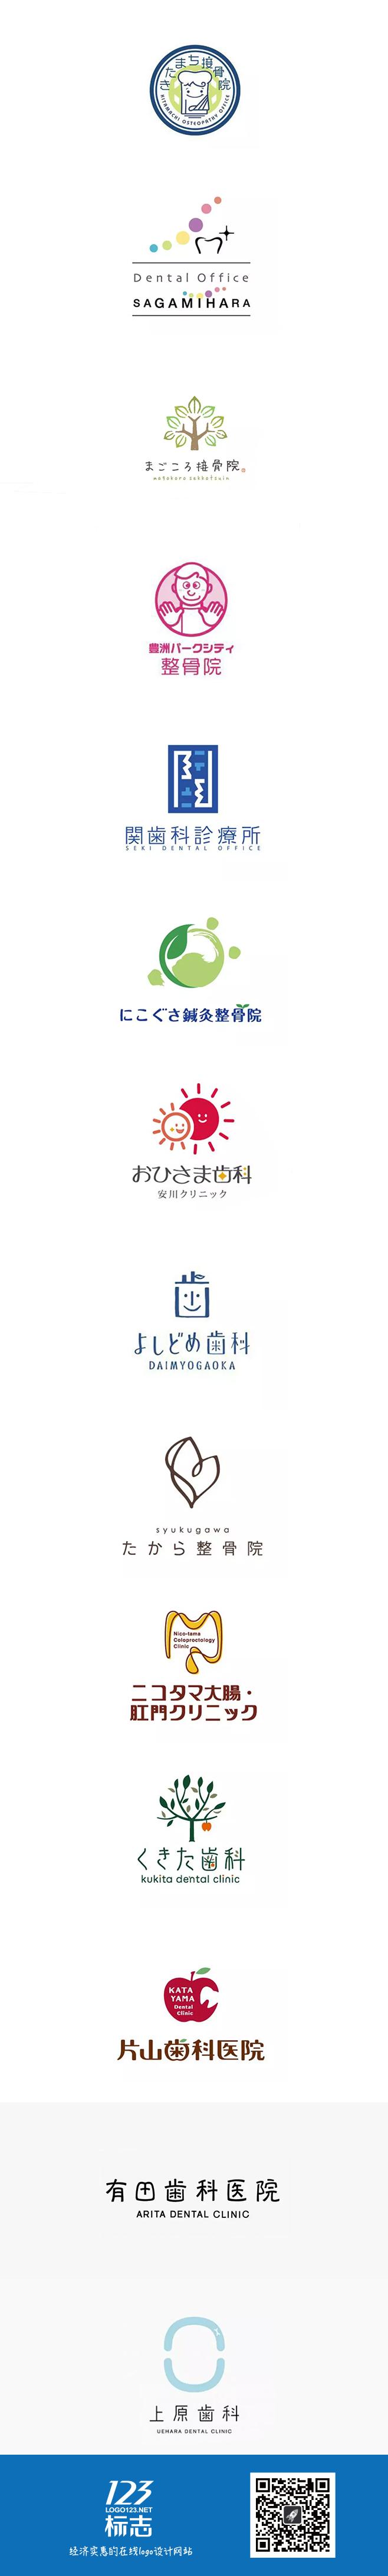 一组日系小清新风格医院元素logo设计集锦